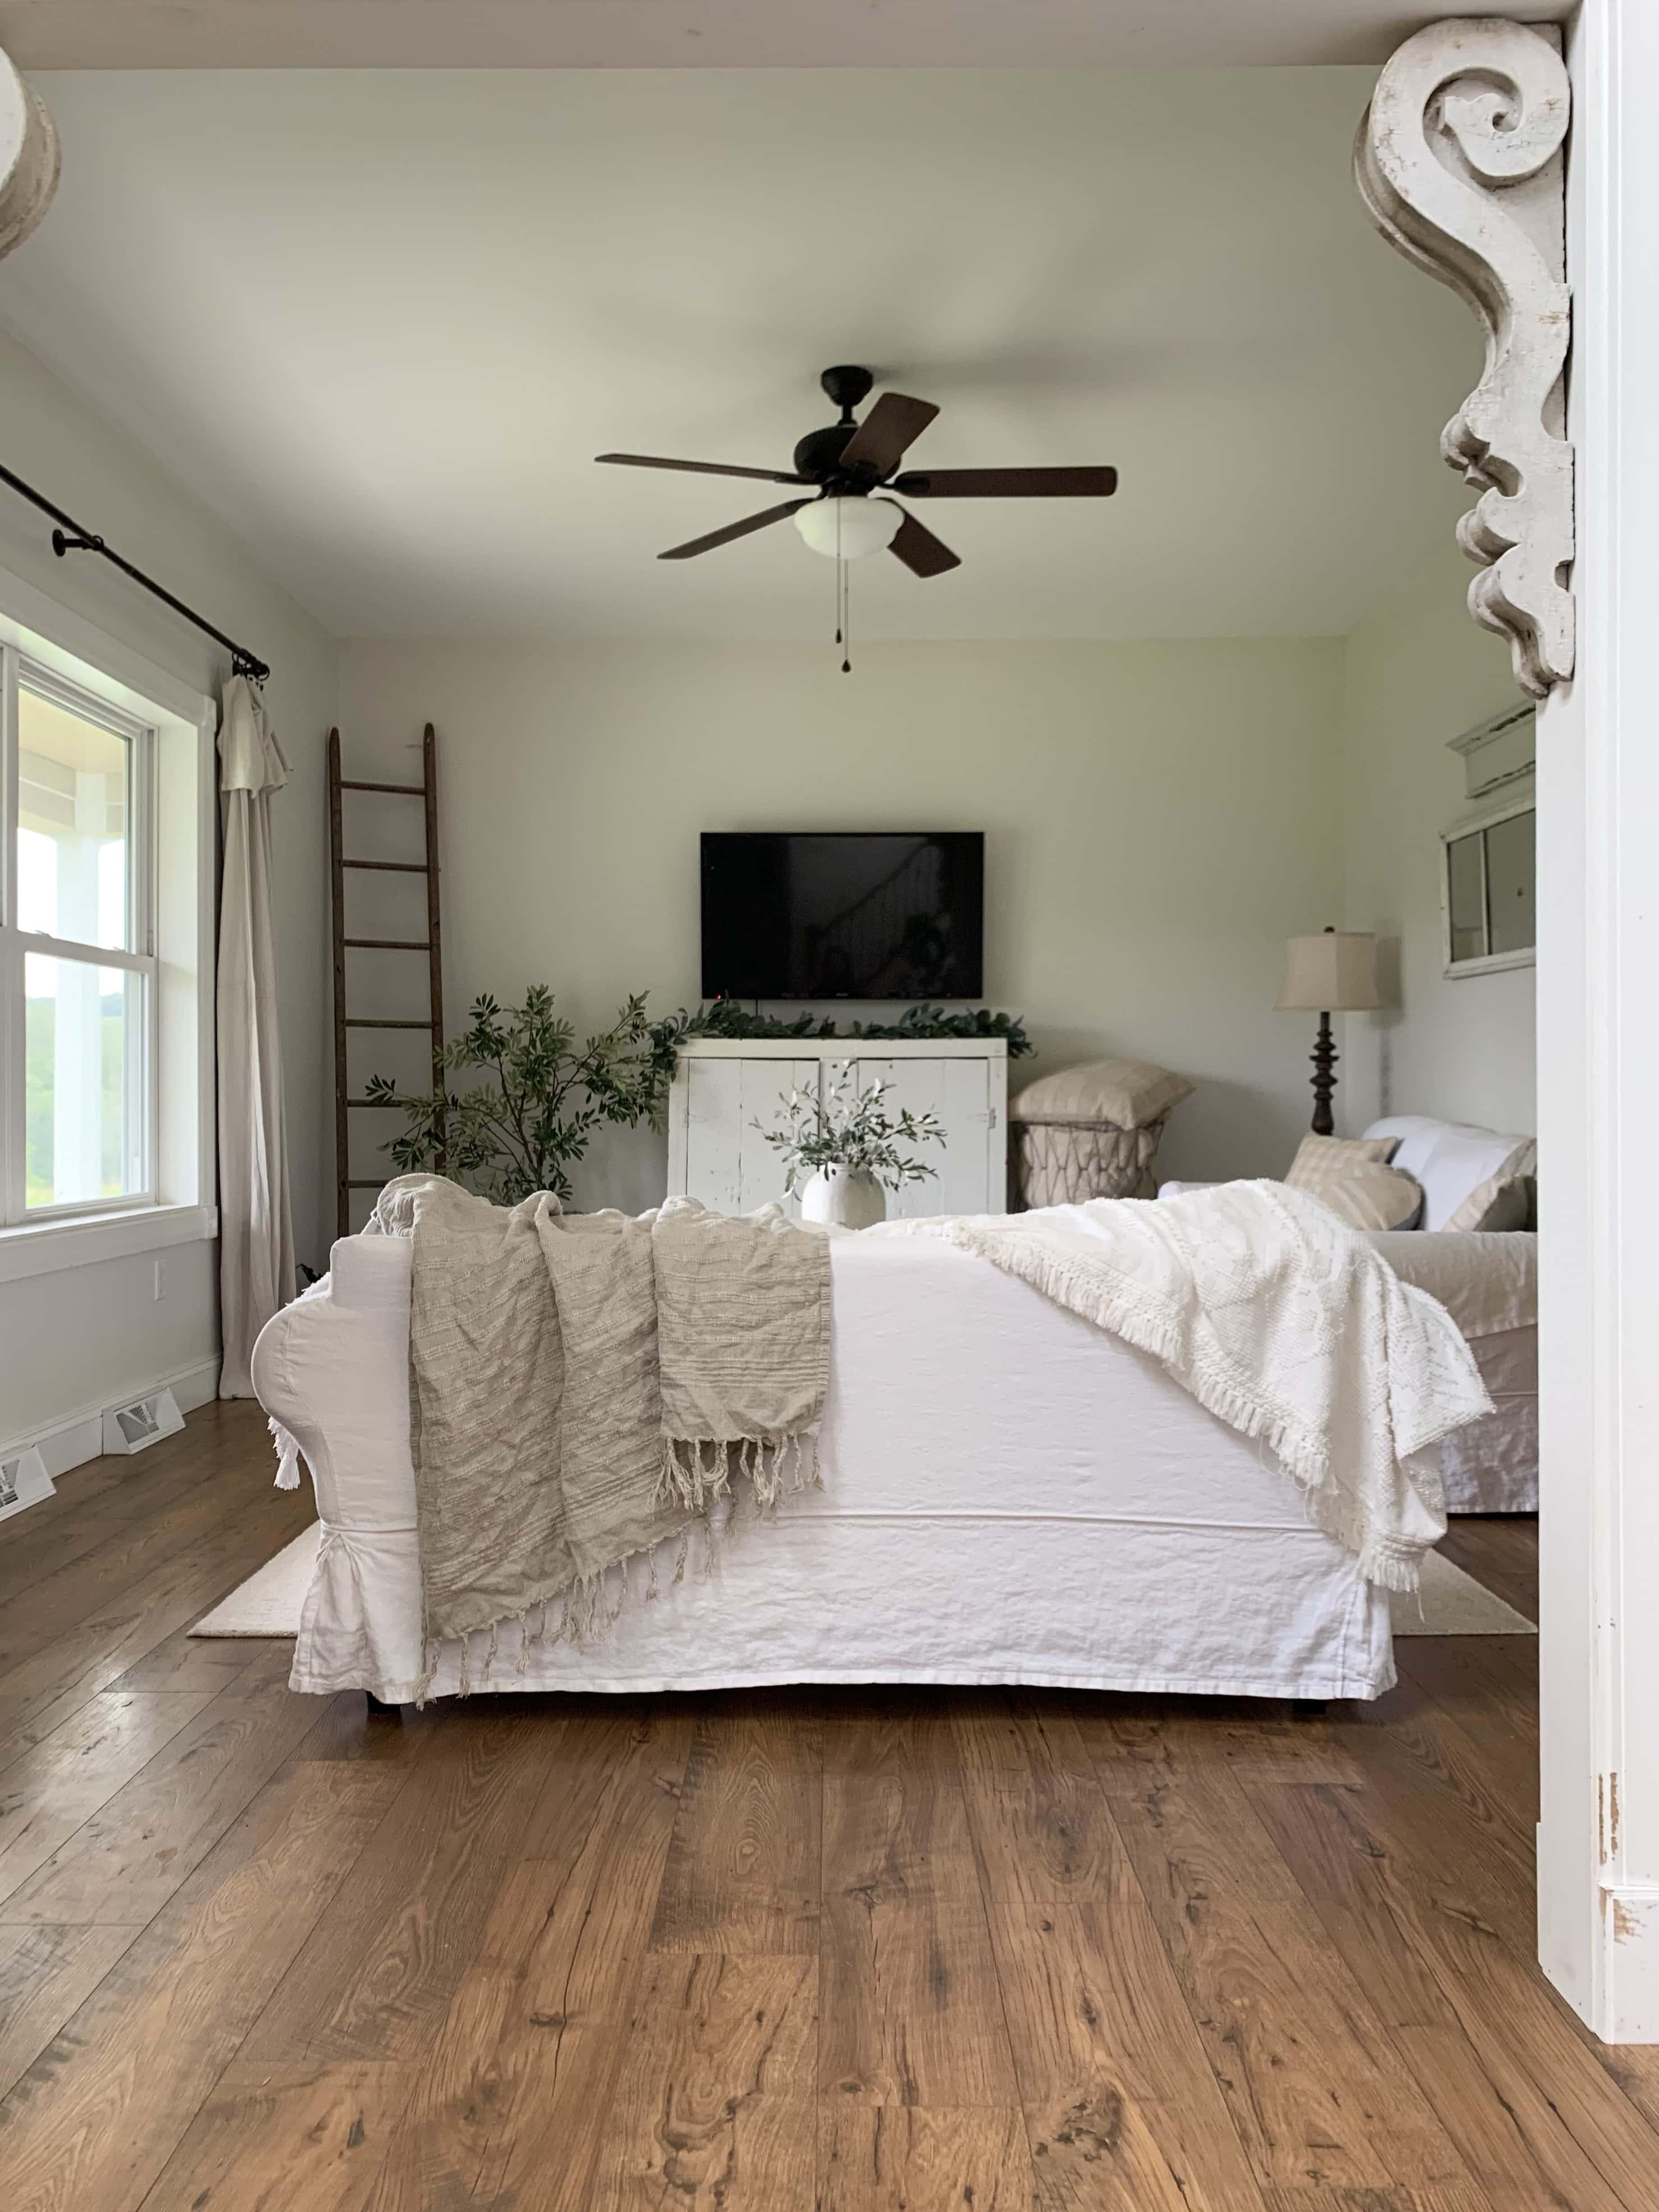 Pergo Flooring Review Faqs Sarah, Pergo Amber Chestnut Laminate Flooring